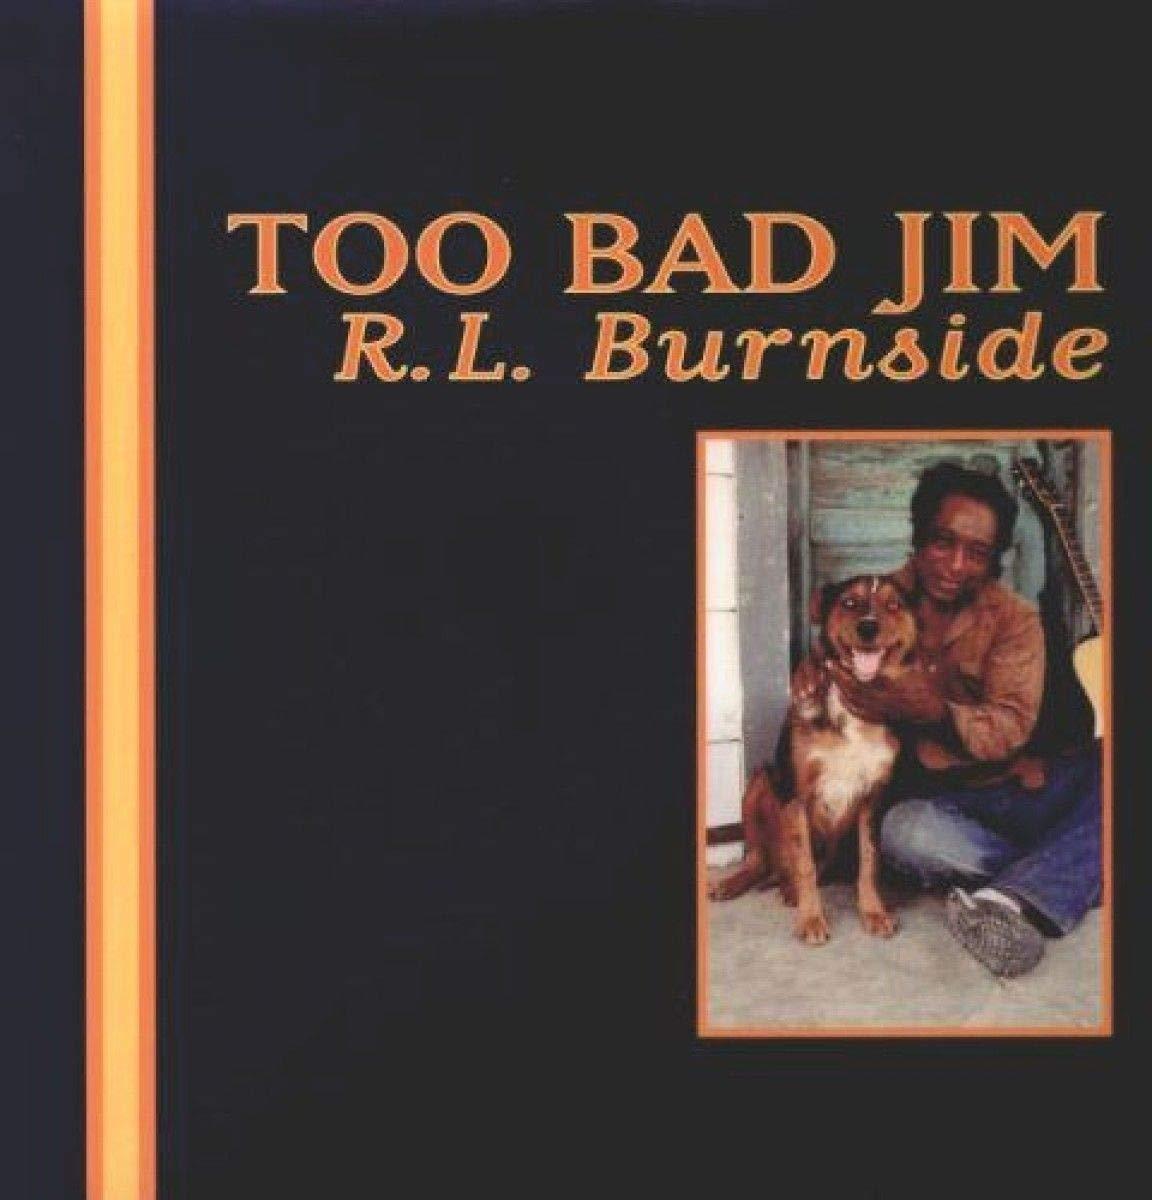 Too Bad Jim [Vinyl] by VINYL